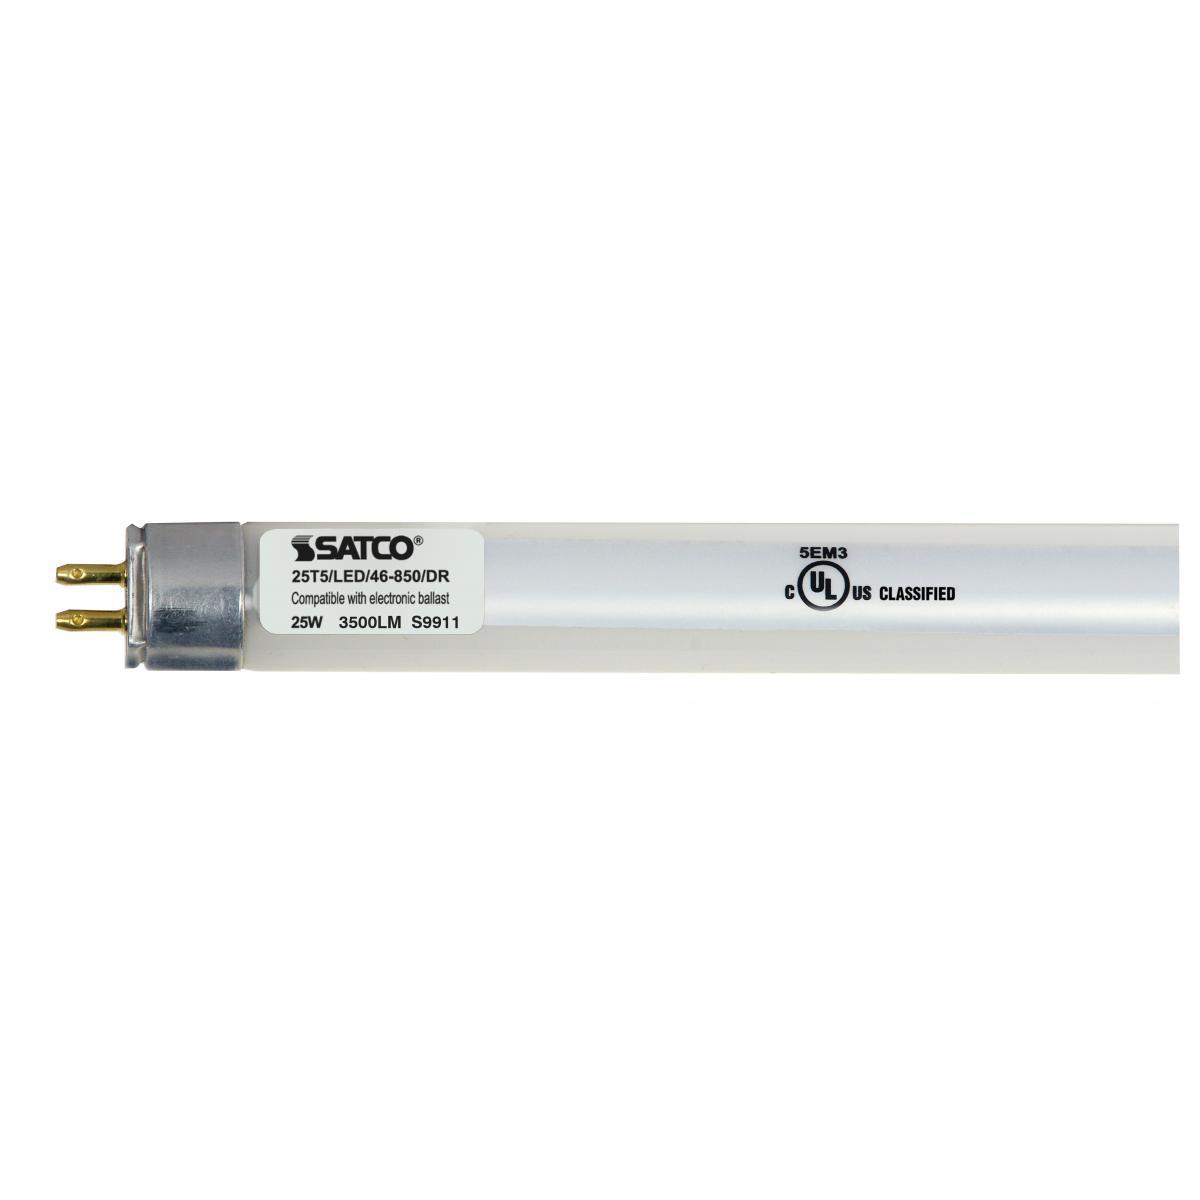 SATCO 25W LED T5 Tube - Miniature Bi-Pin Base - 5000K - 3...